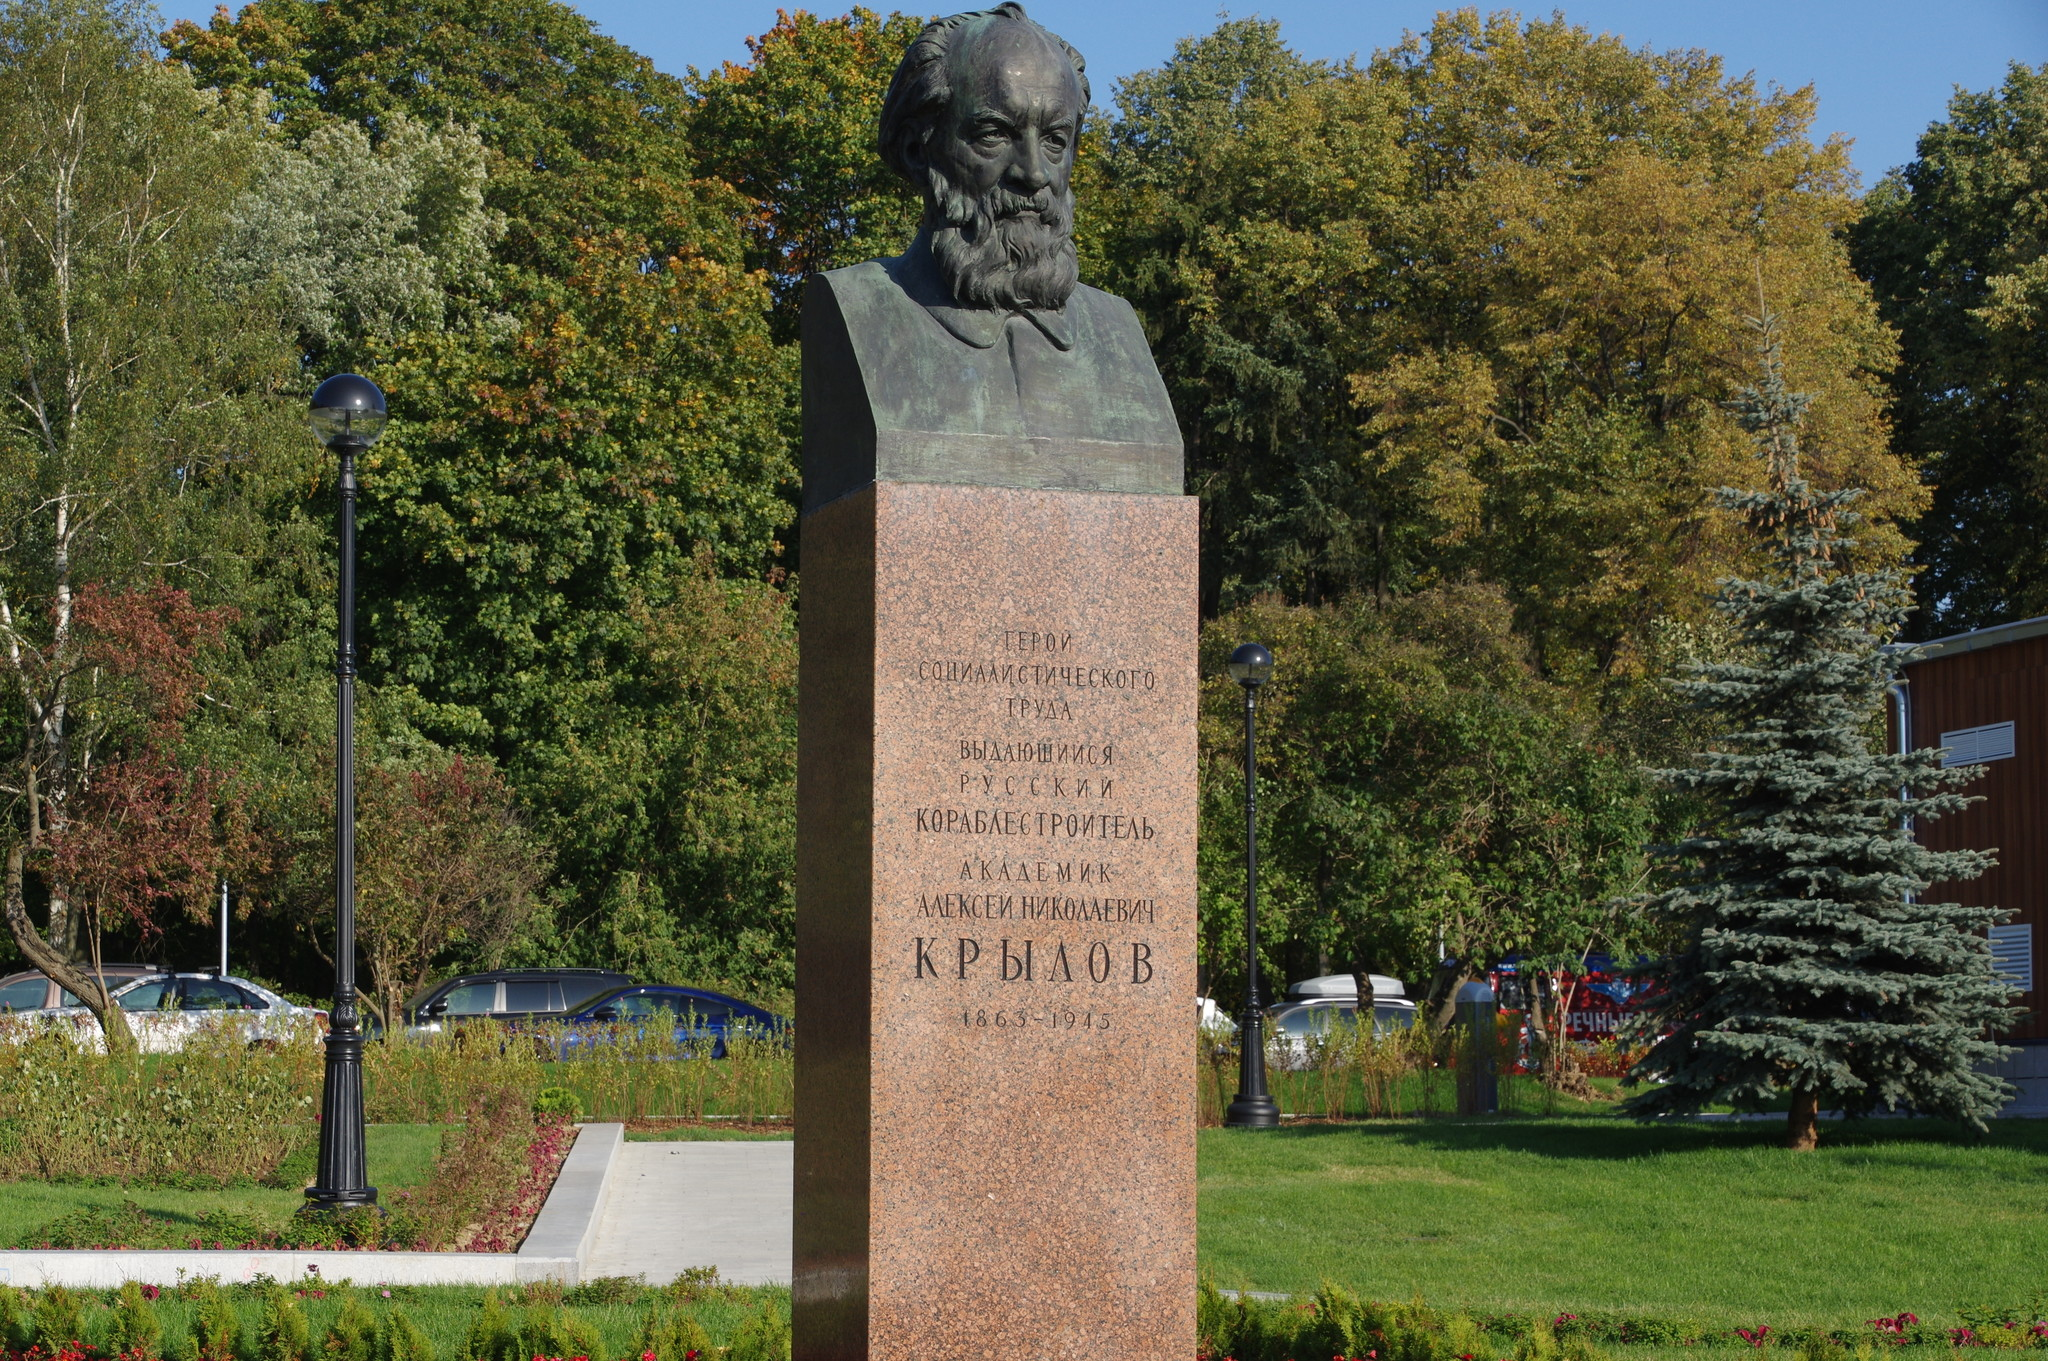 Бюст Алексею Николаевичу Крылову установлен на высокий гранитный постамент с памятной надписью